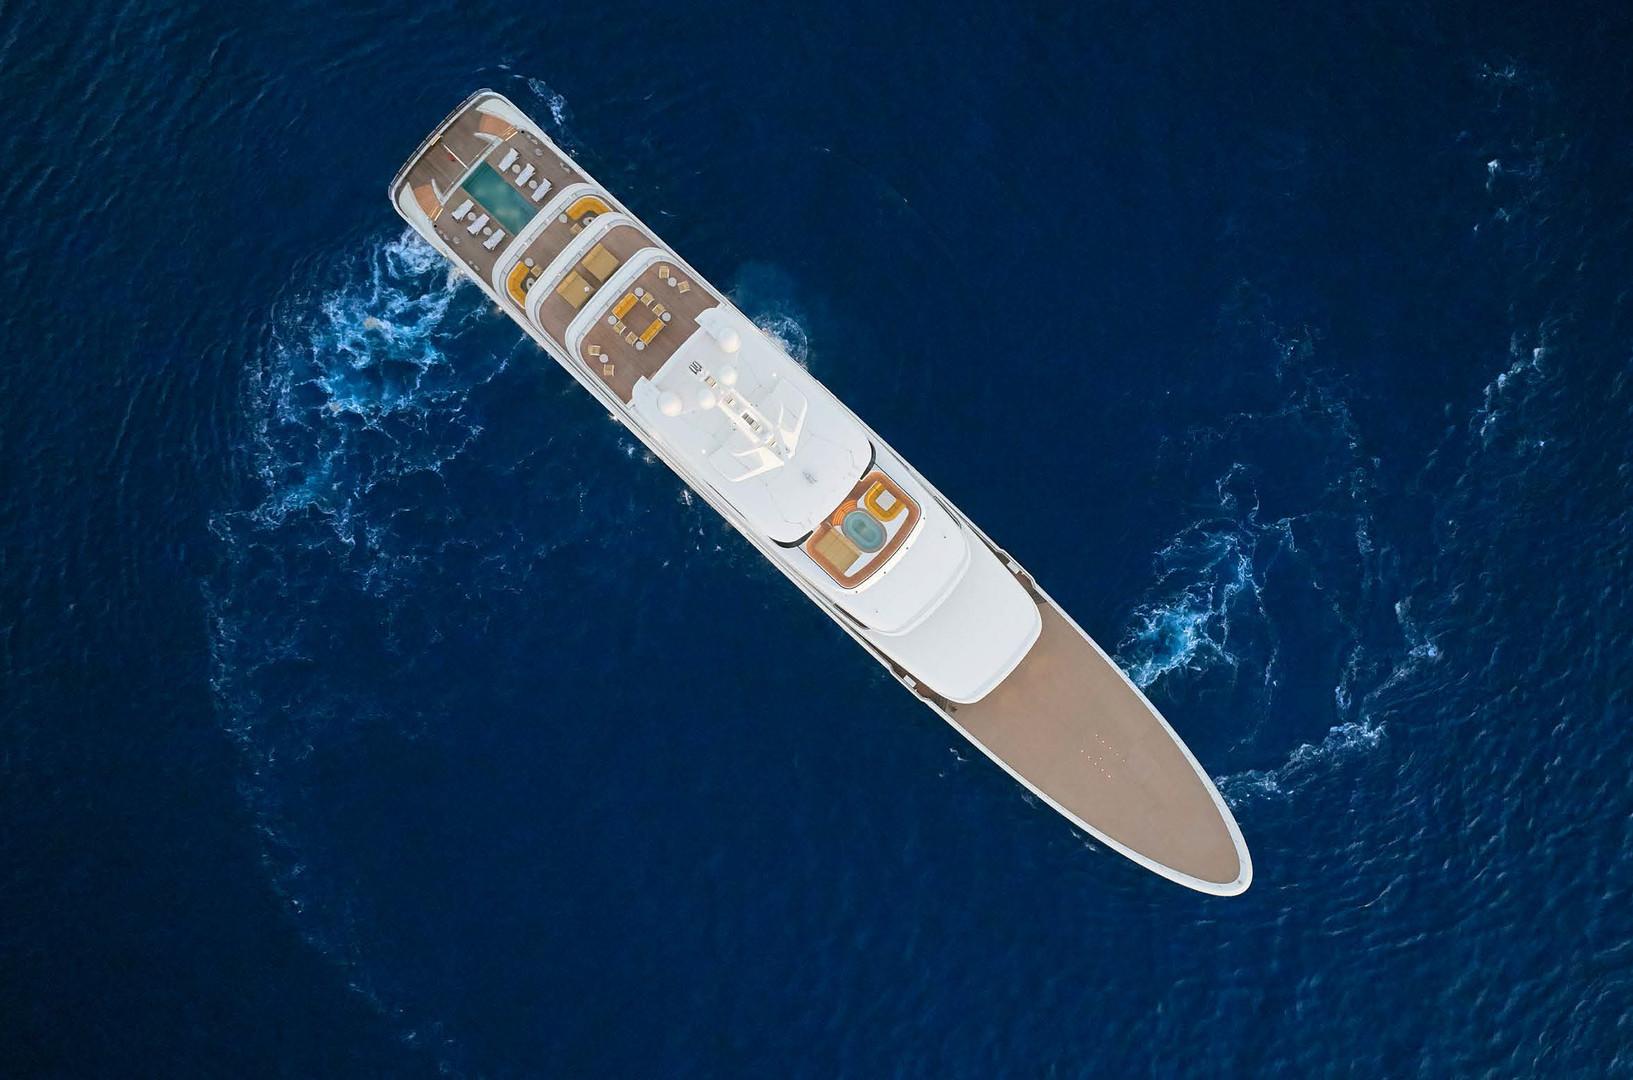 Yacht AQUARIUS - 92m mega yacht